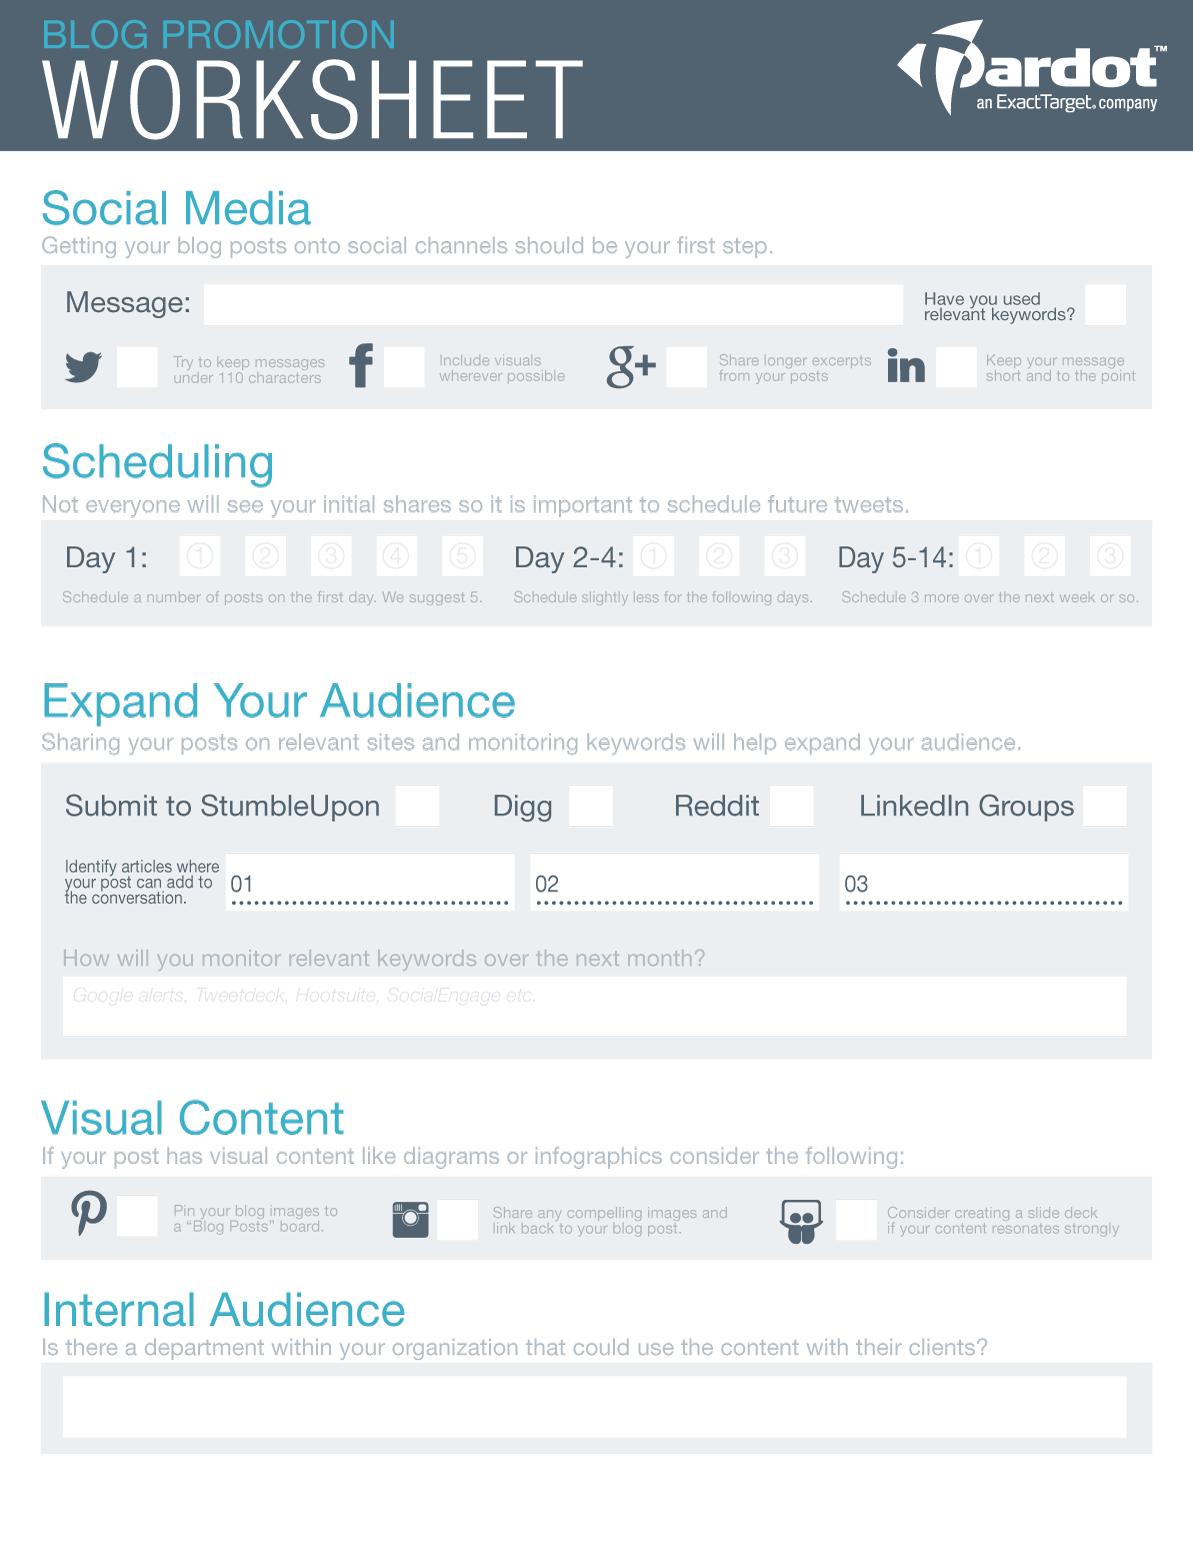 Worksheets Promotion Point Worksheet collection of promotion worksheet adriaticatoursrl streamline your blog for better results worksheet